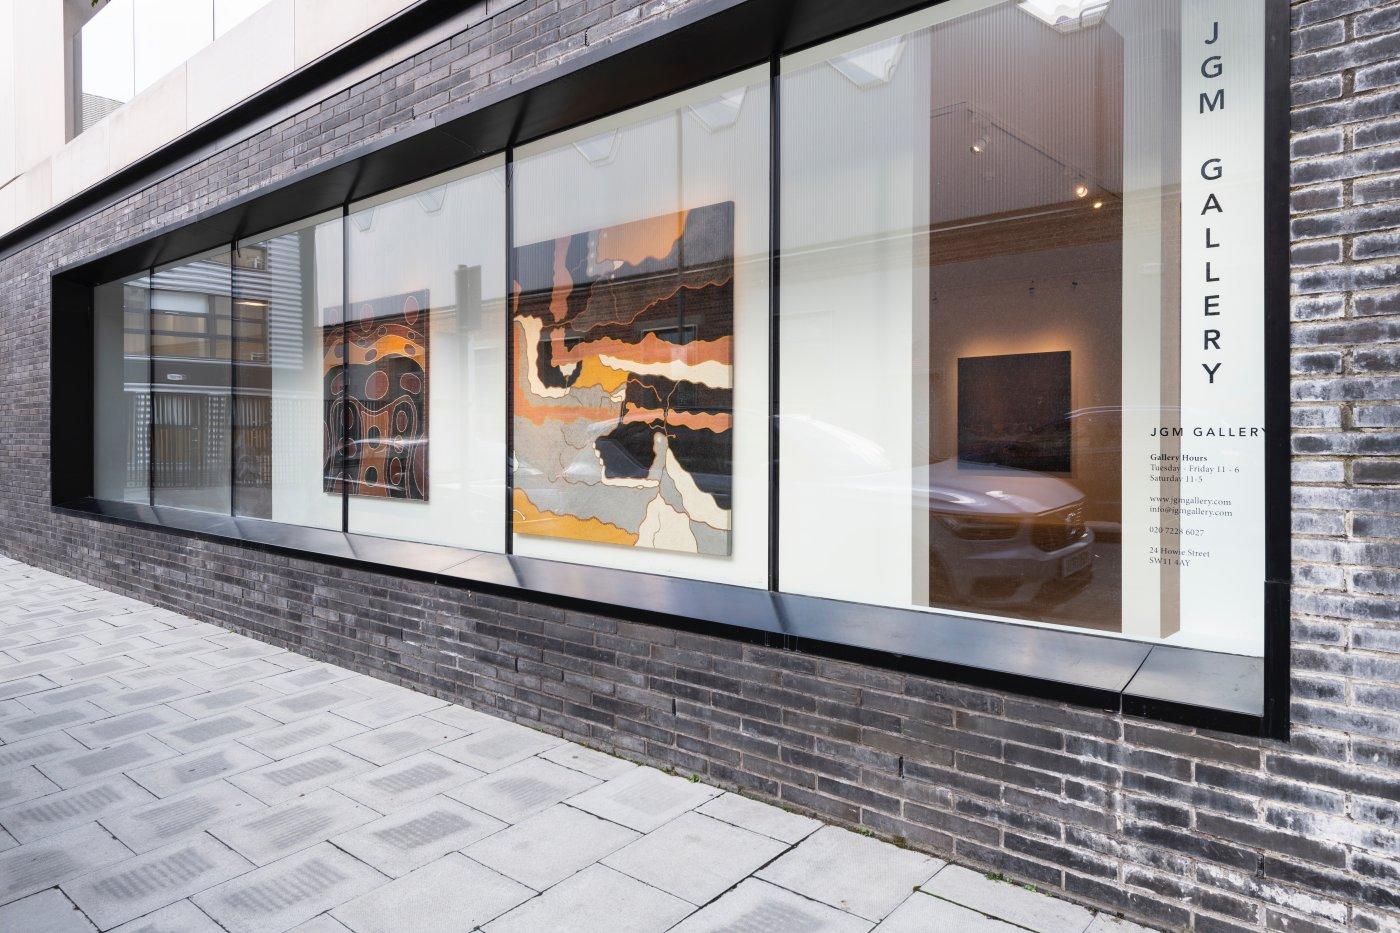 JGM Gallery Ngarranggarni 7